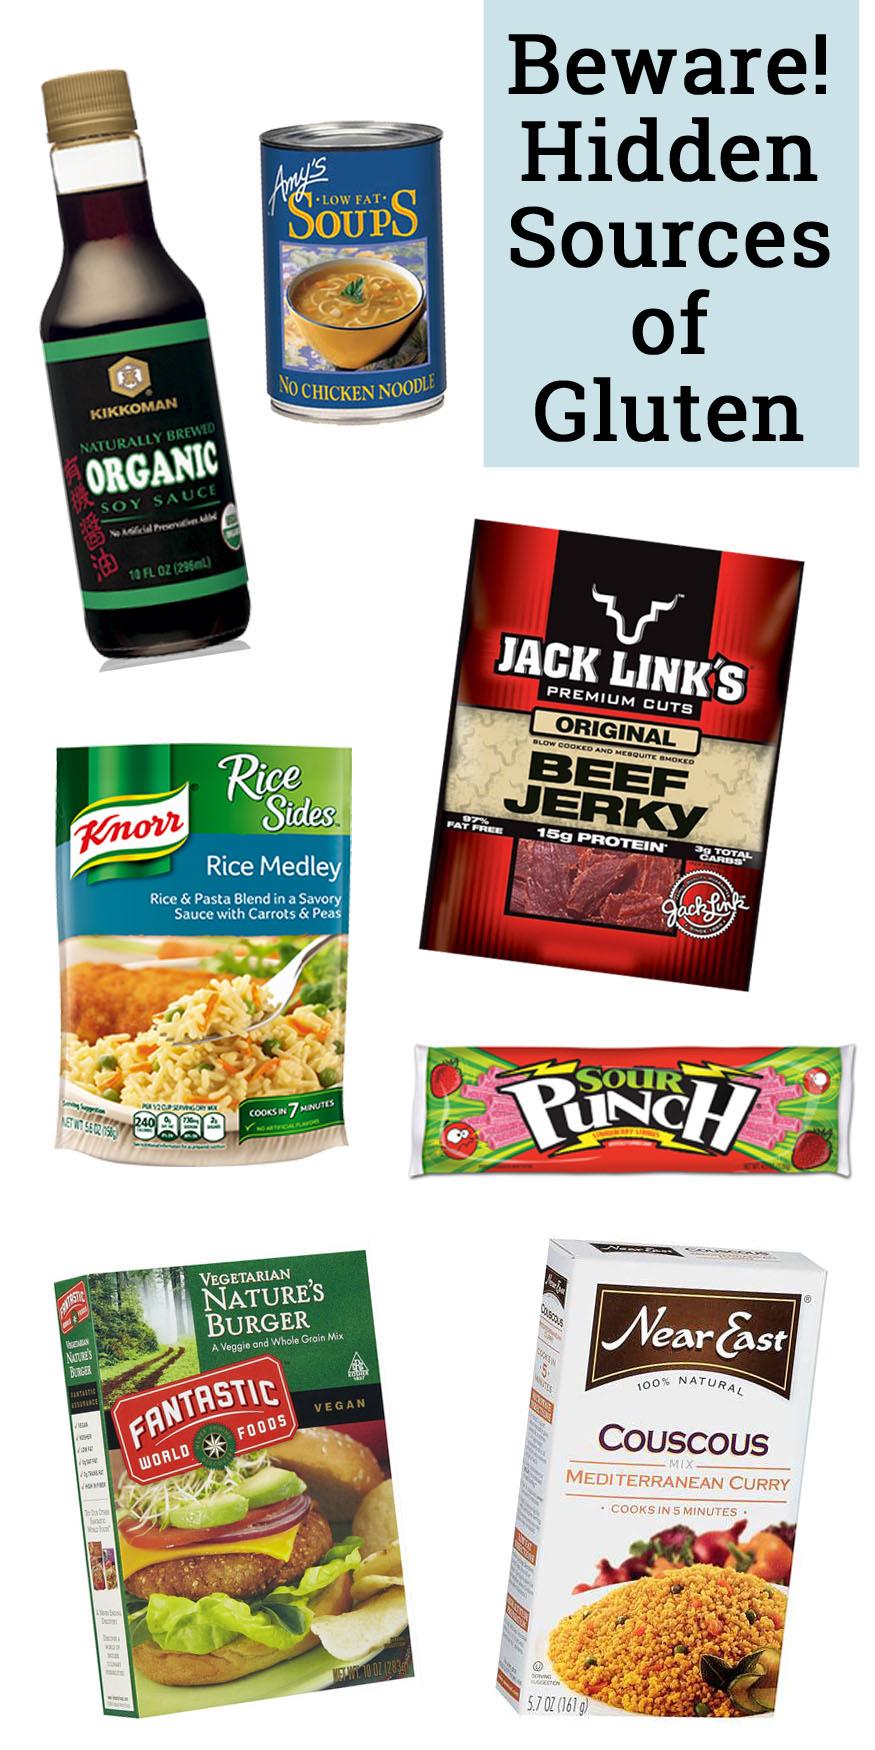 hidden sources of gluten